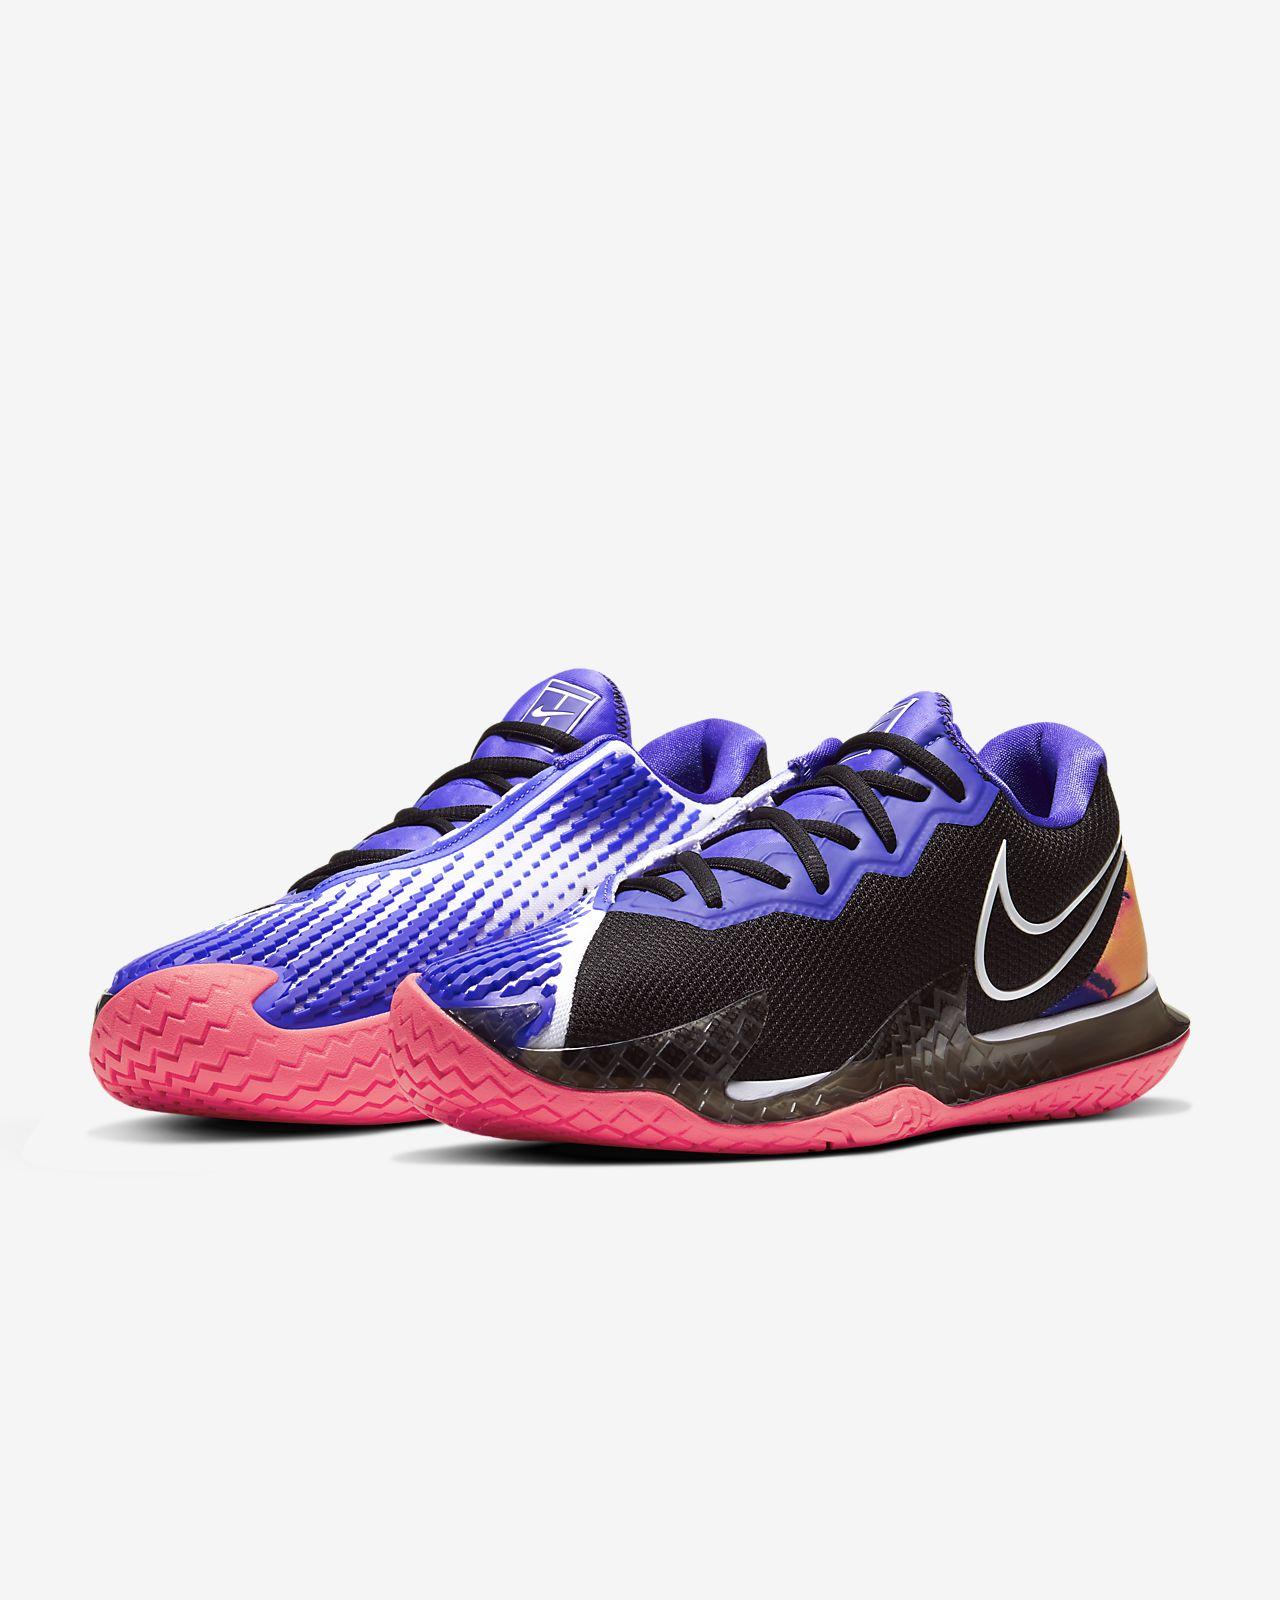 Nike Air Zoom Ultra React All Court Dames Tennisschoen